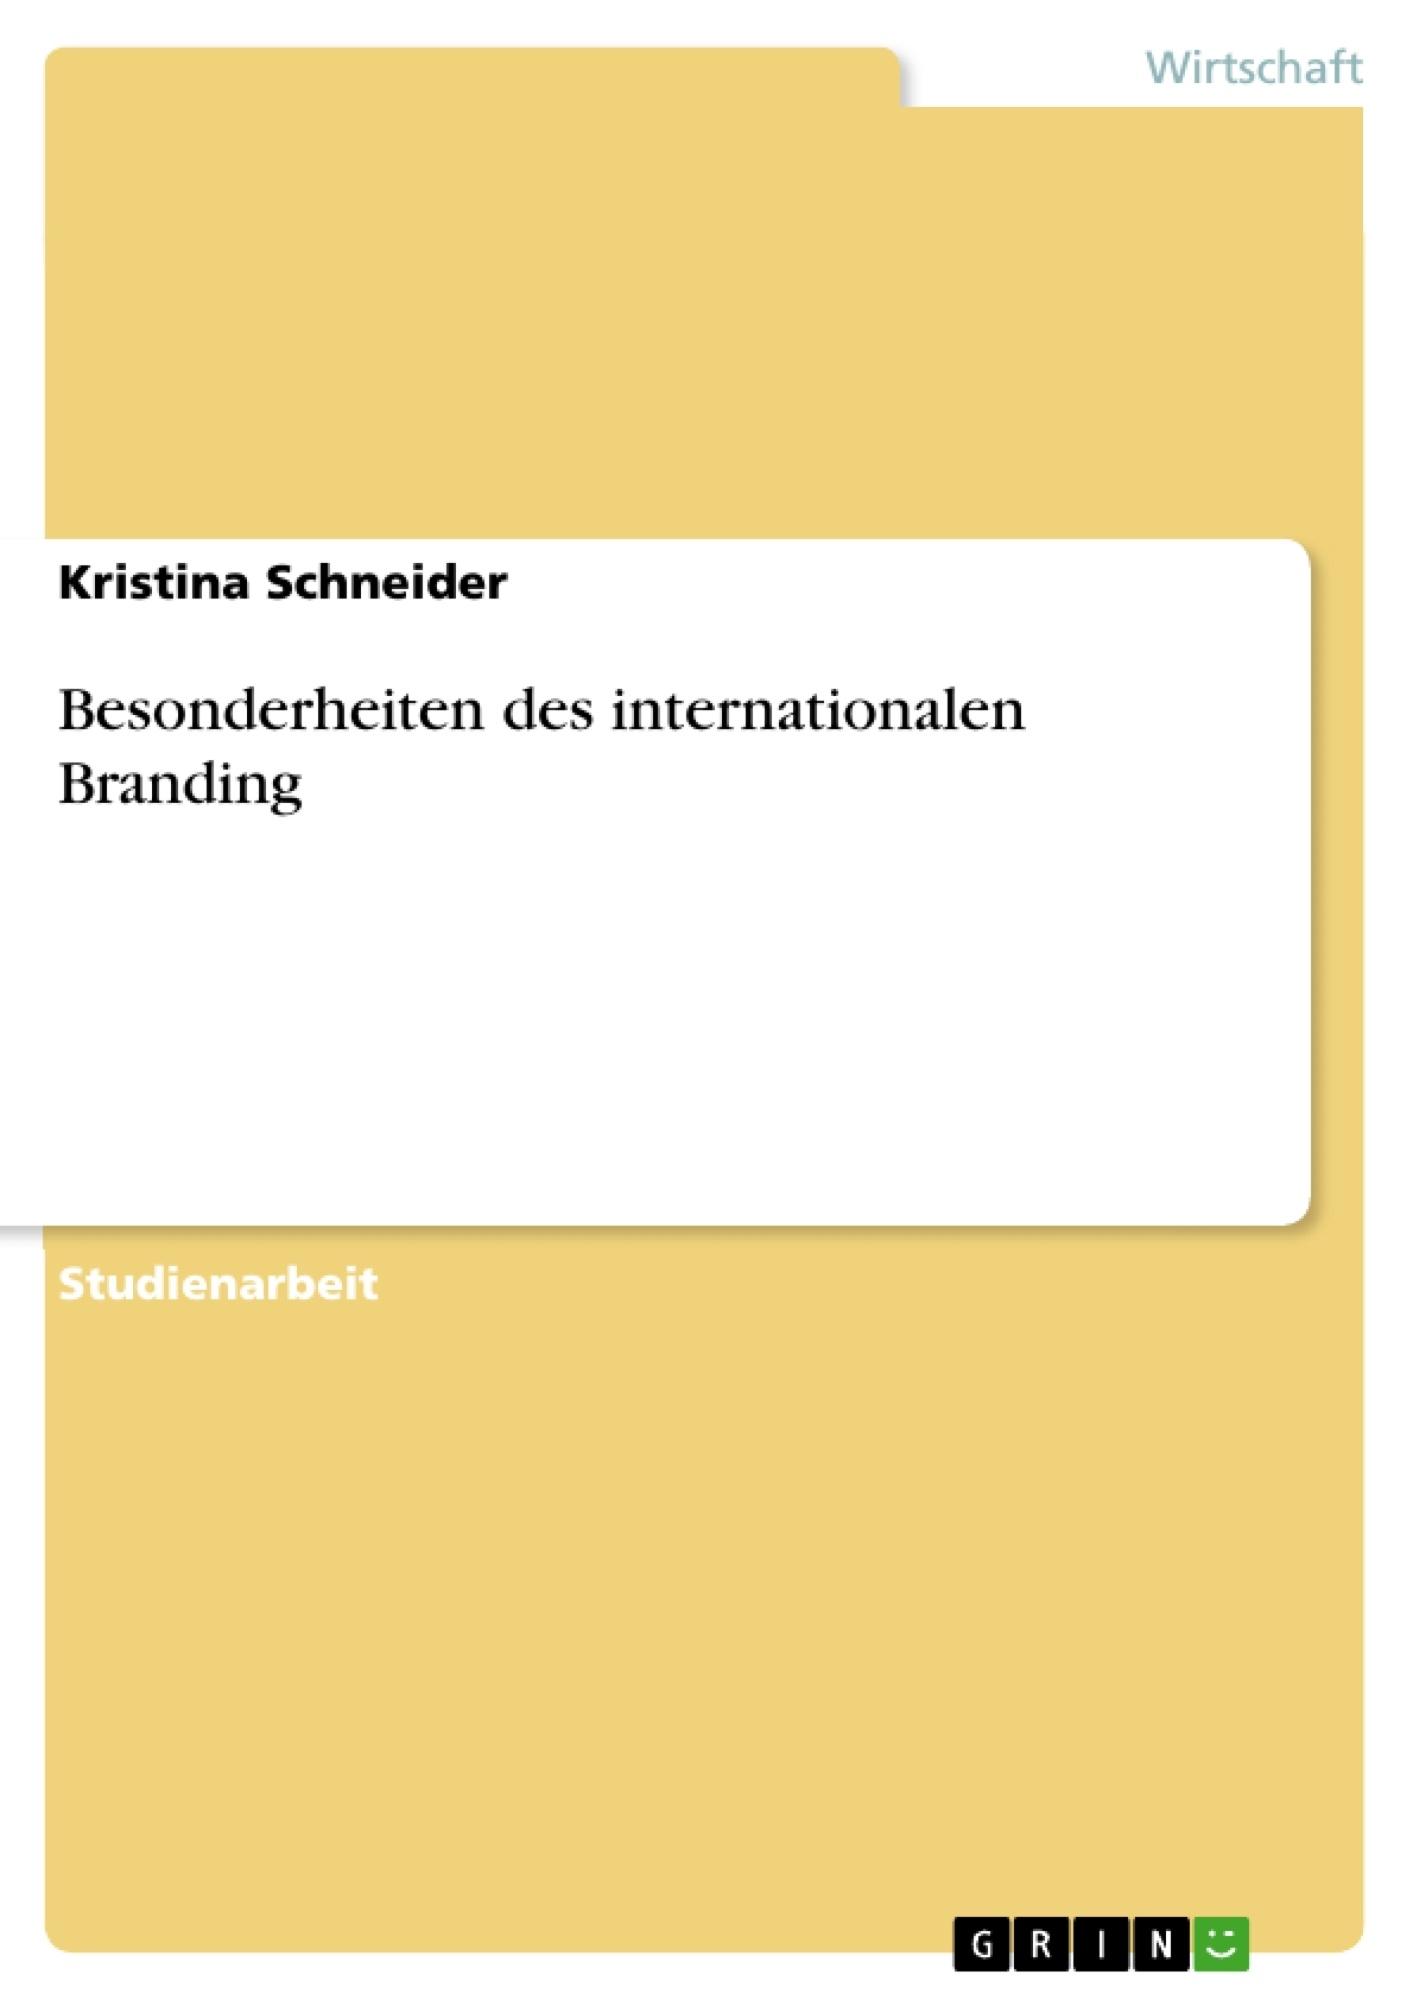 Titel: Besonderheiten des internationalen Branding